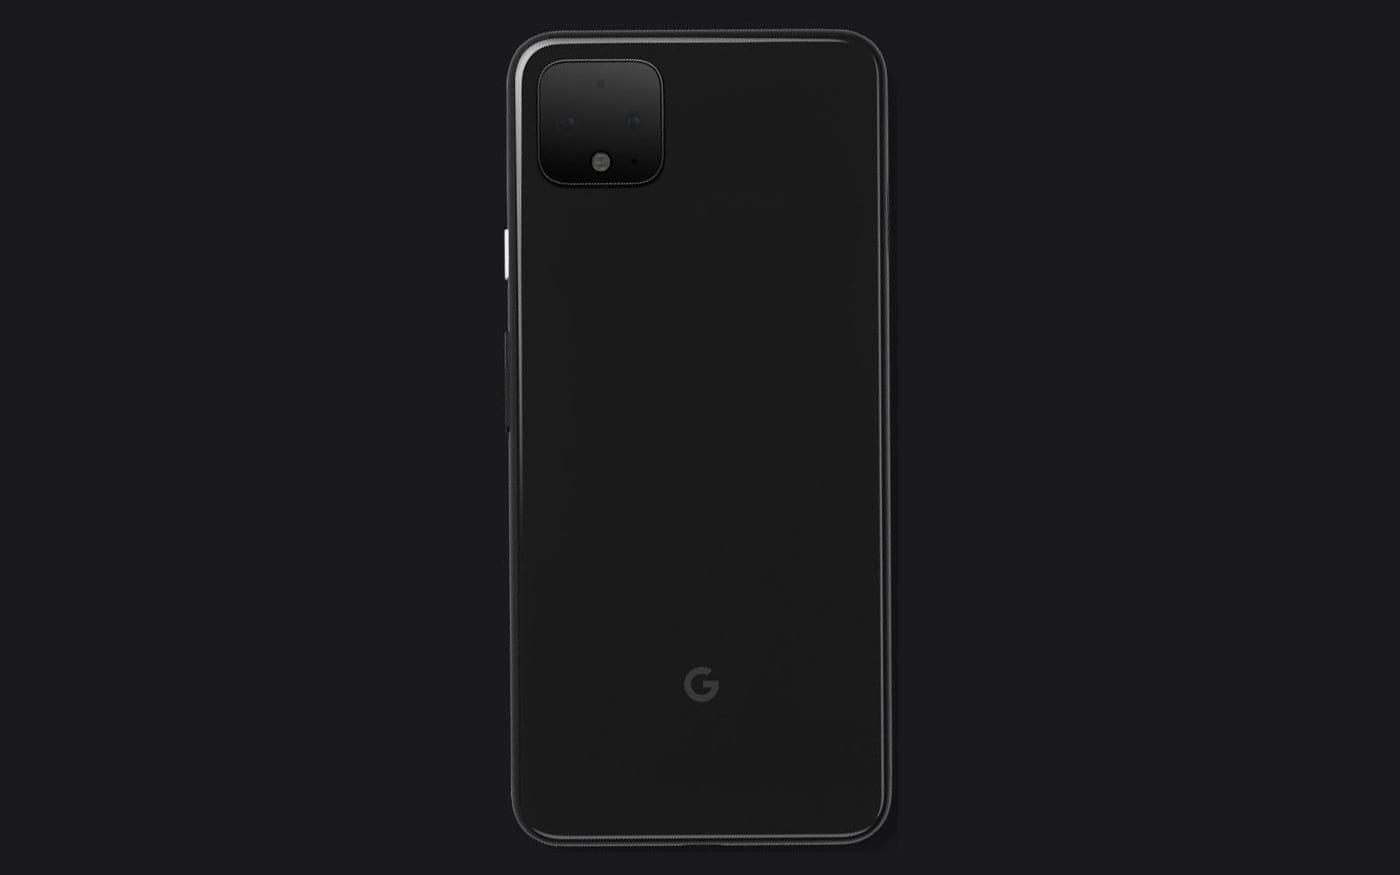 Google confirma o design do Pixel 4 em uma imagem oficial